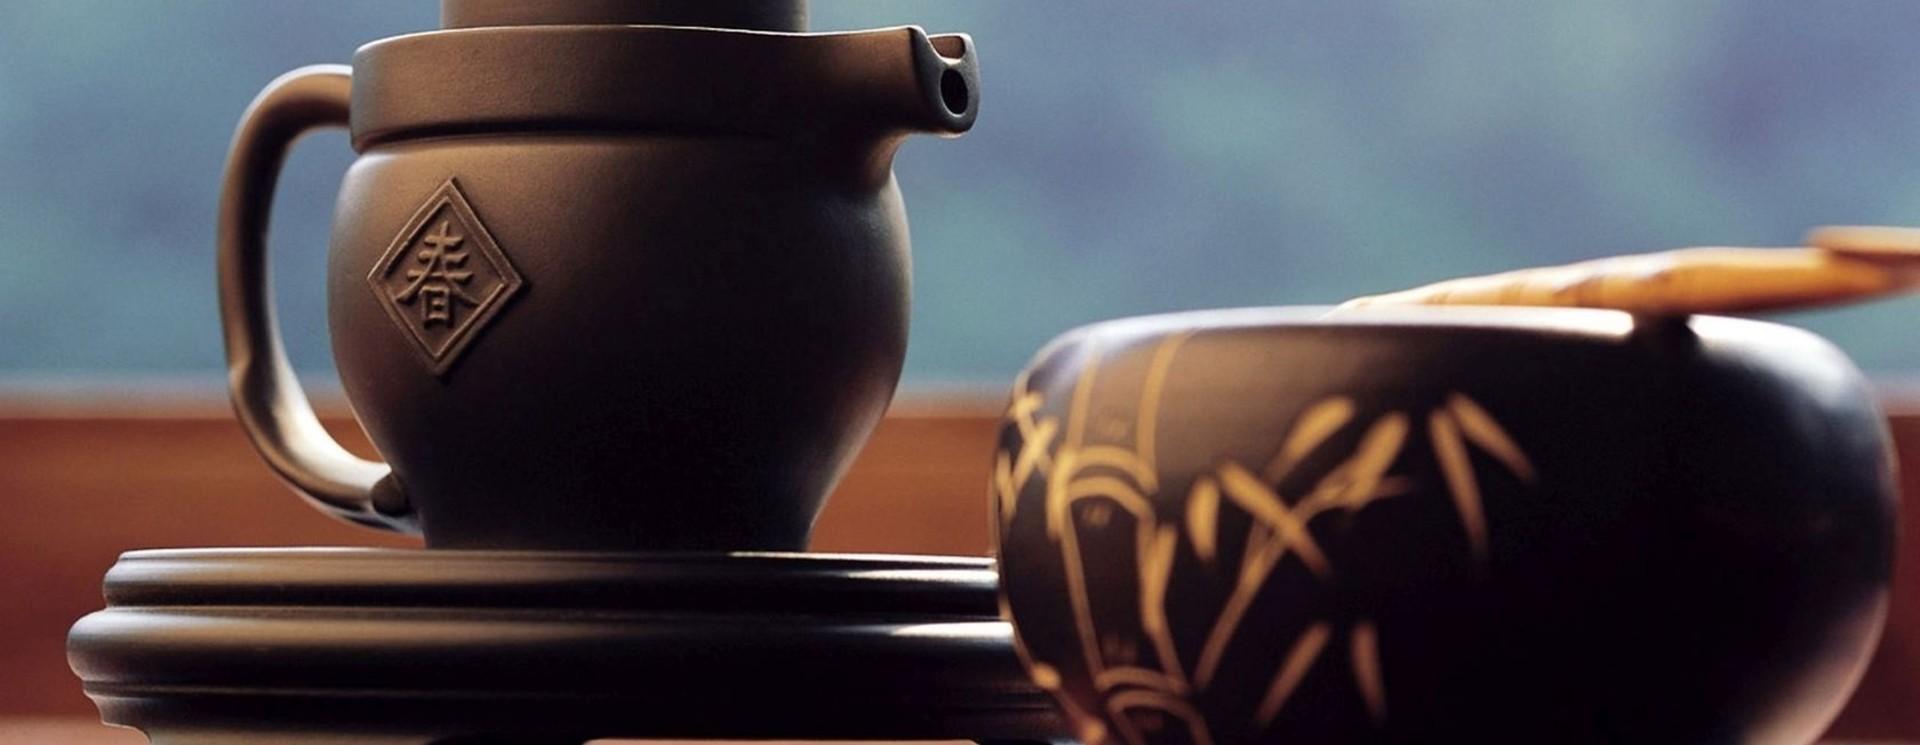 Tasse de thé & filtre